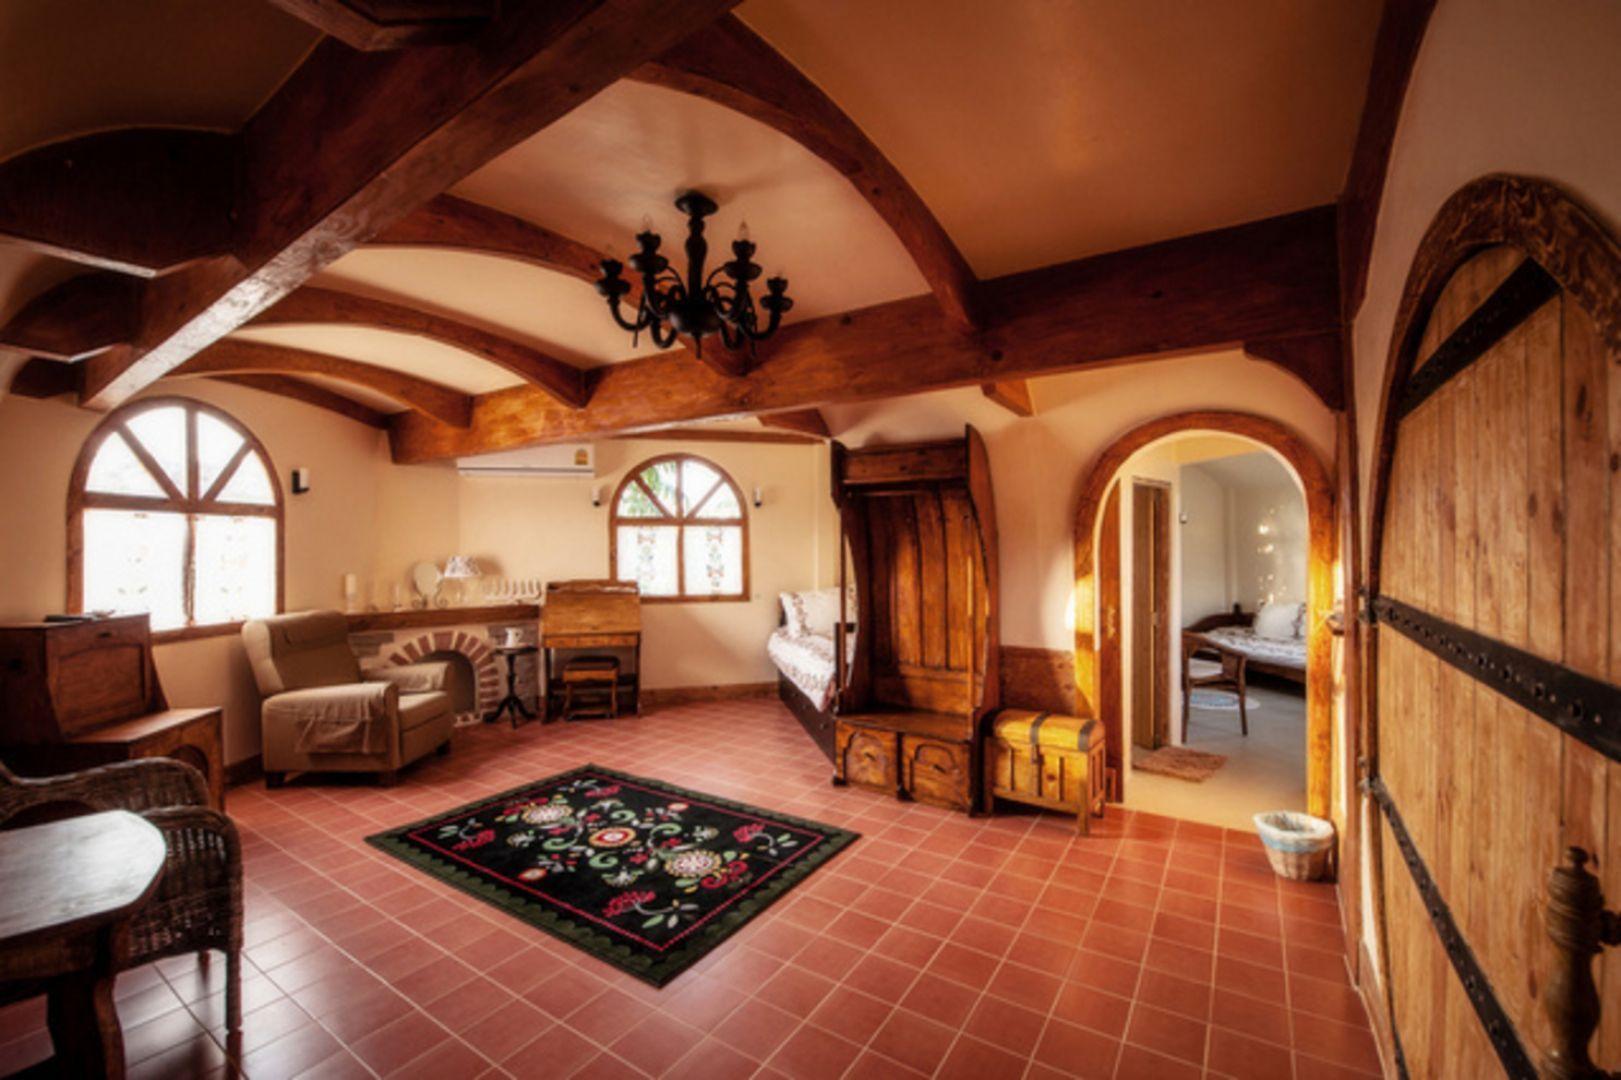 pin von ix chel auf living room in 2018 pinterest hobbit h user haus und hobbit haus innen. Black Bedroom Furniture Sets. Home Design Ideas